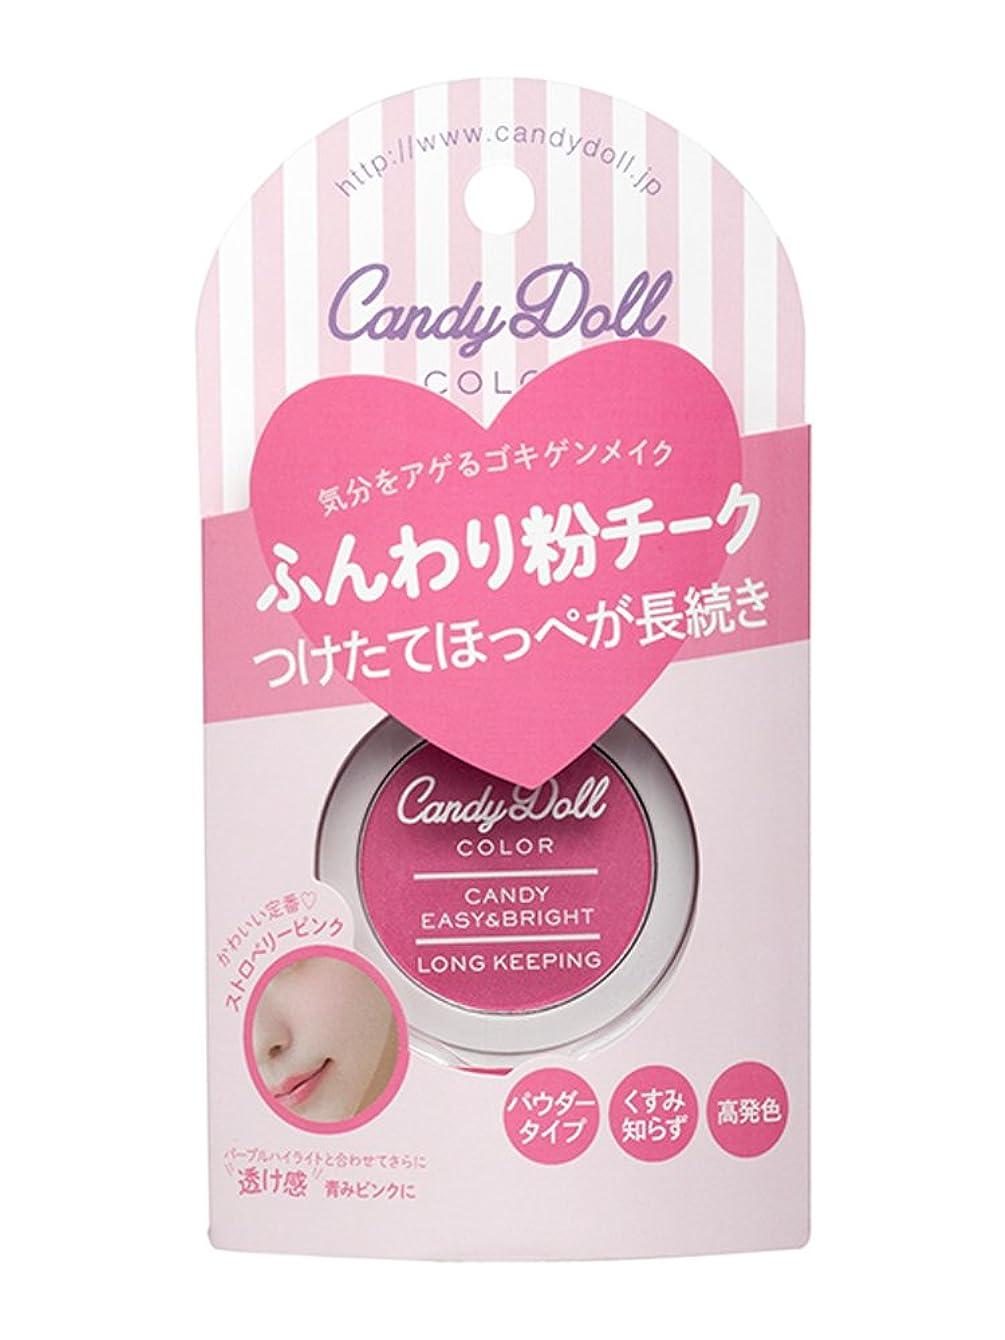 忘れる複雑な勇敢なCandyDoll キャンディパウダーチーク<ストロベリーピンク>